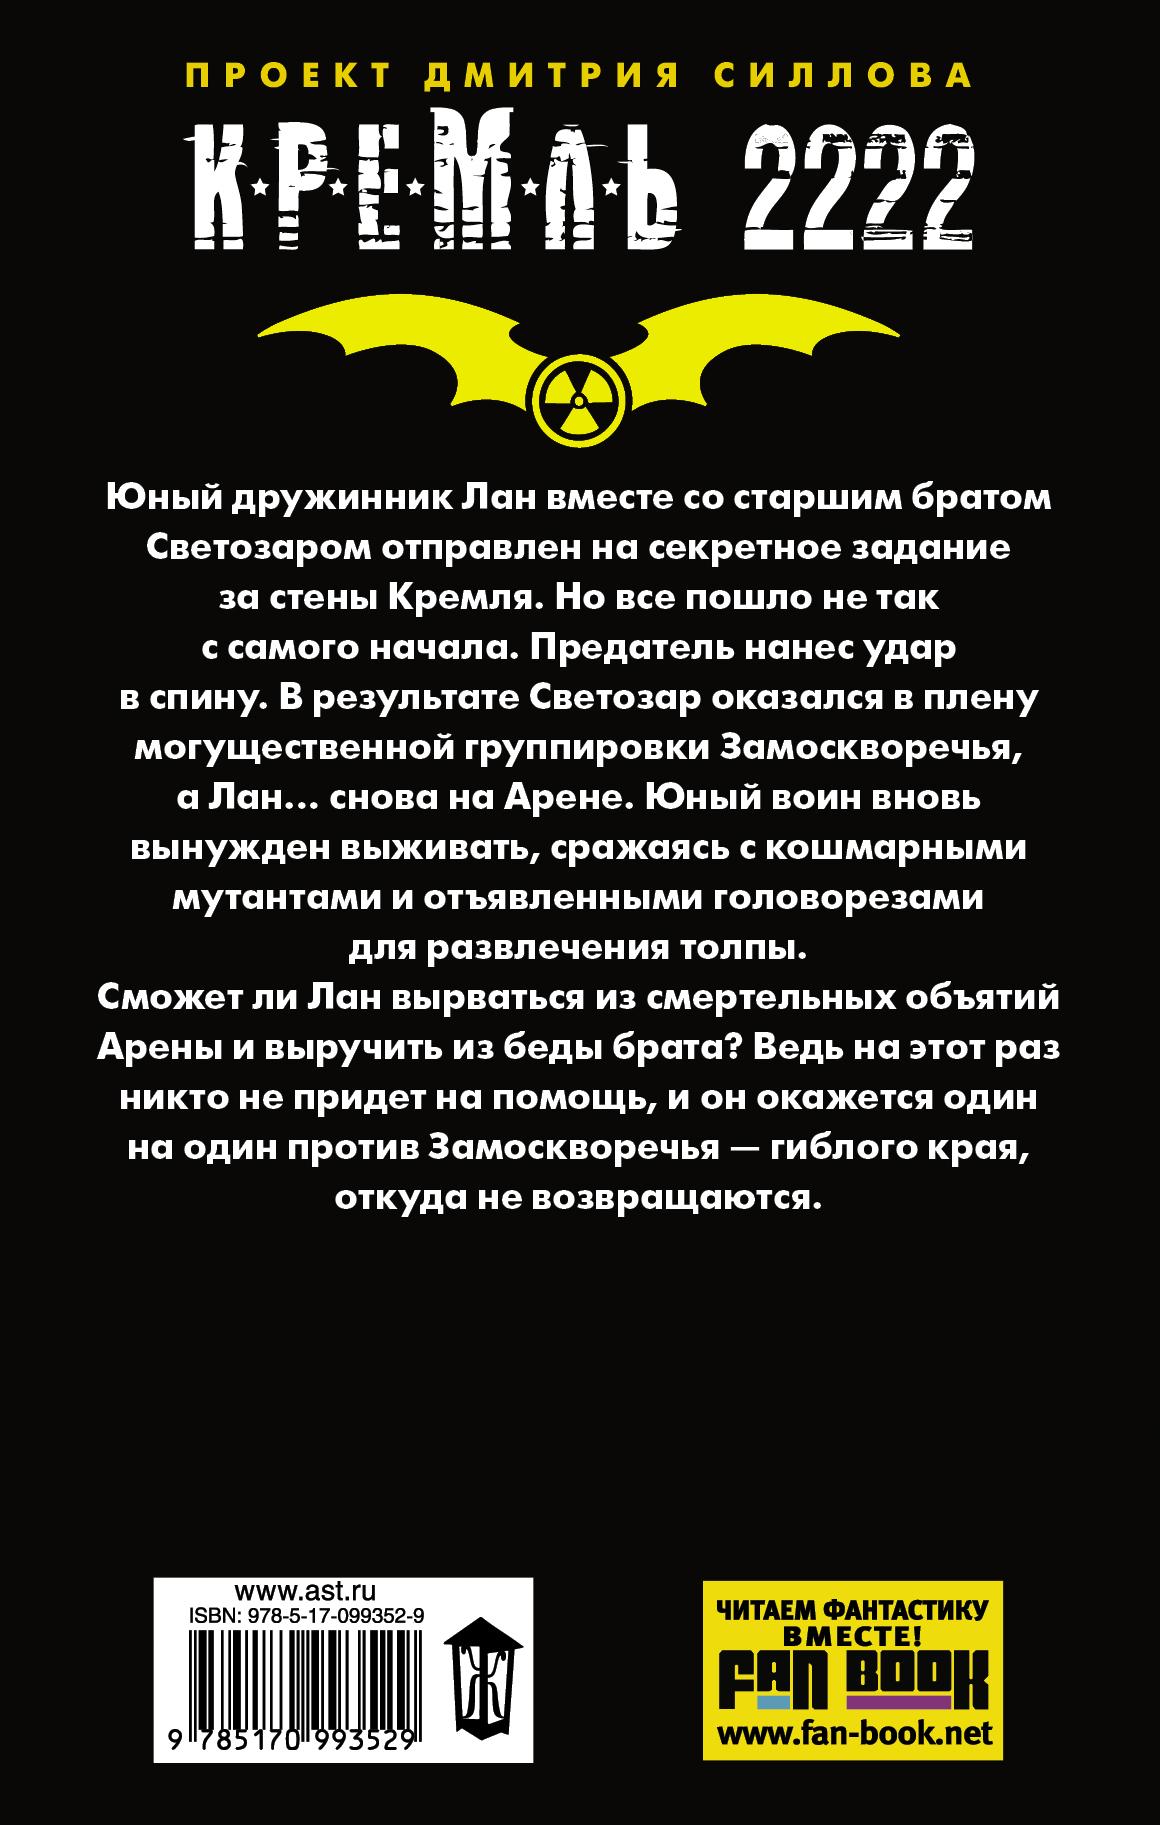 Кремль 2222. Замоскворечье. Максим Хорсун